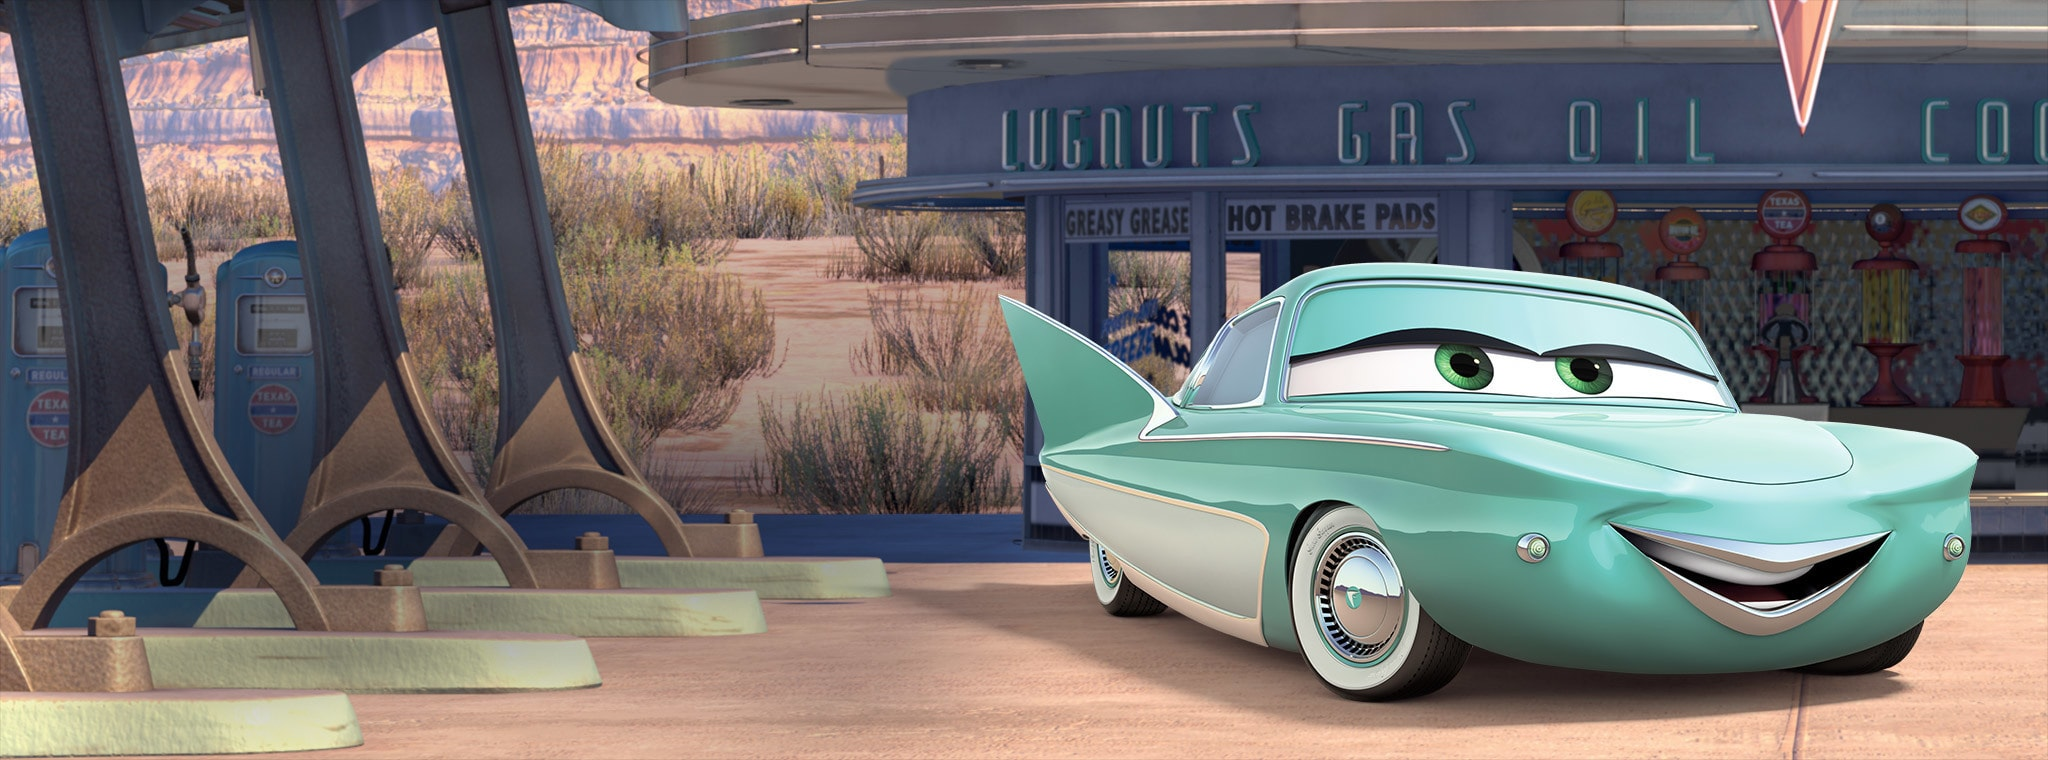 Flo S  Cafe Cars